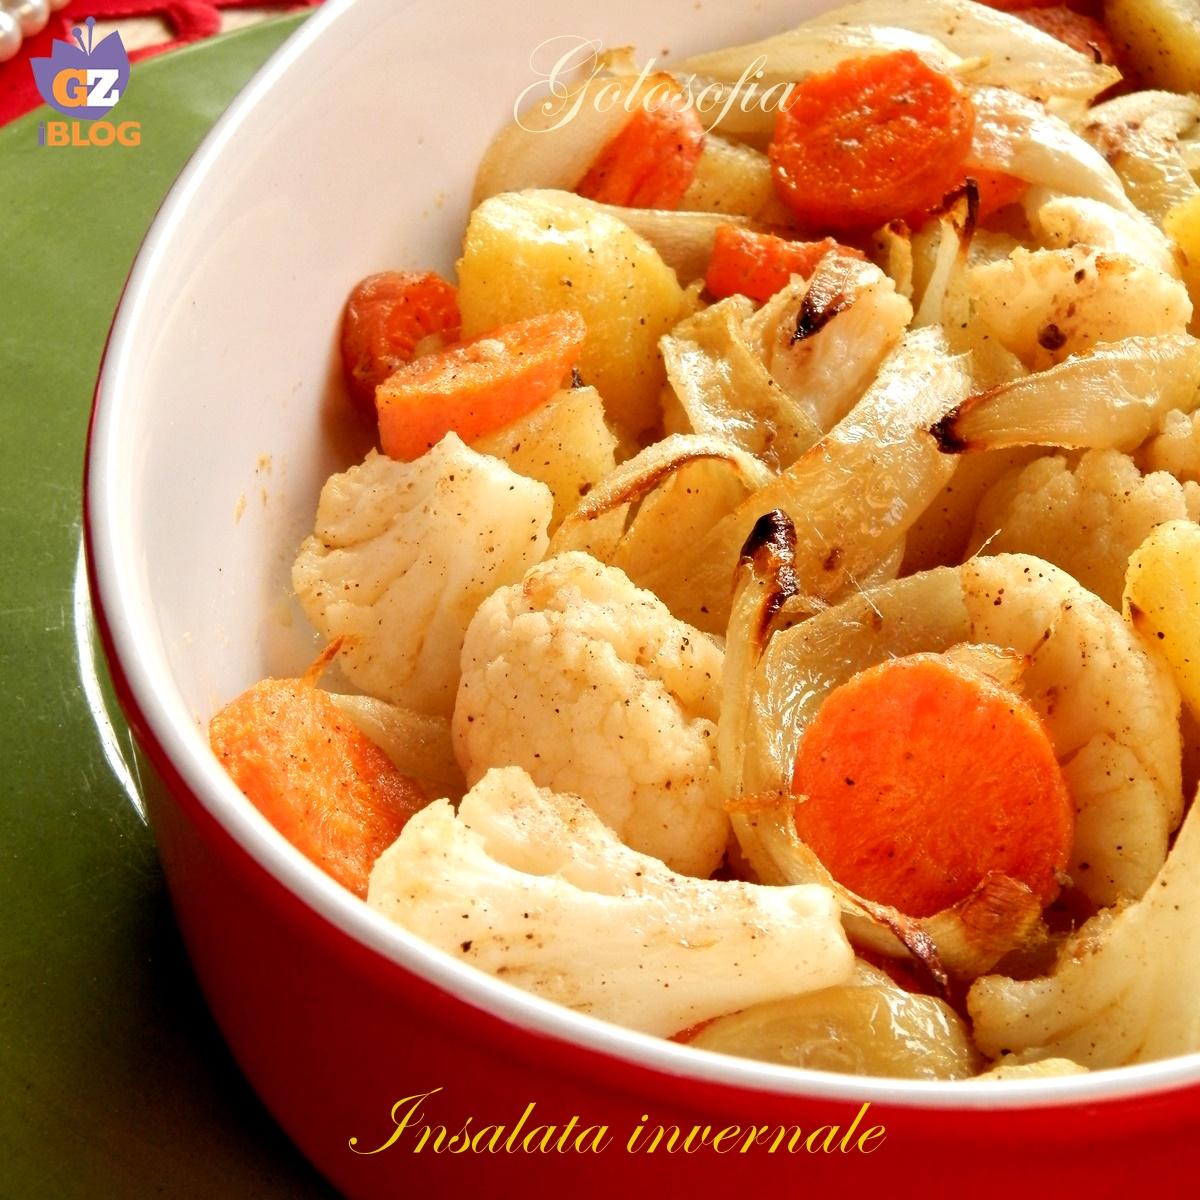 insalata invernale-ricetta contorni-golosofia